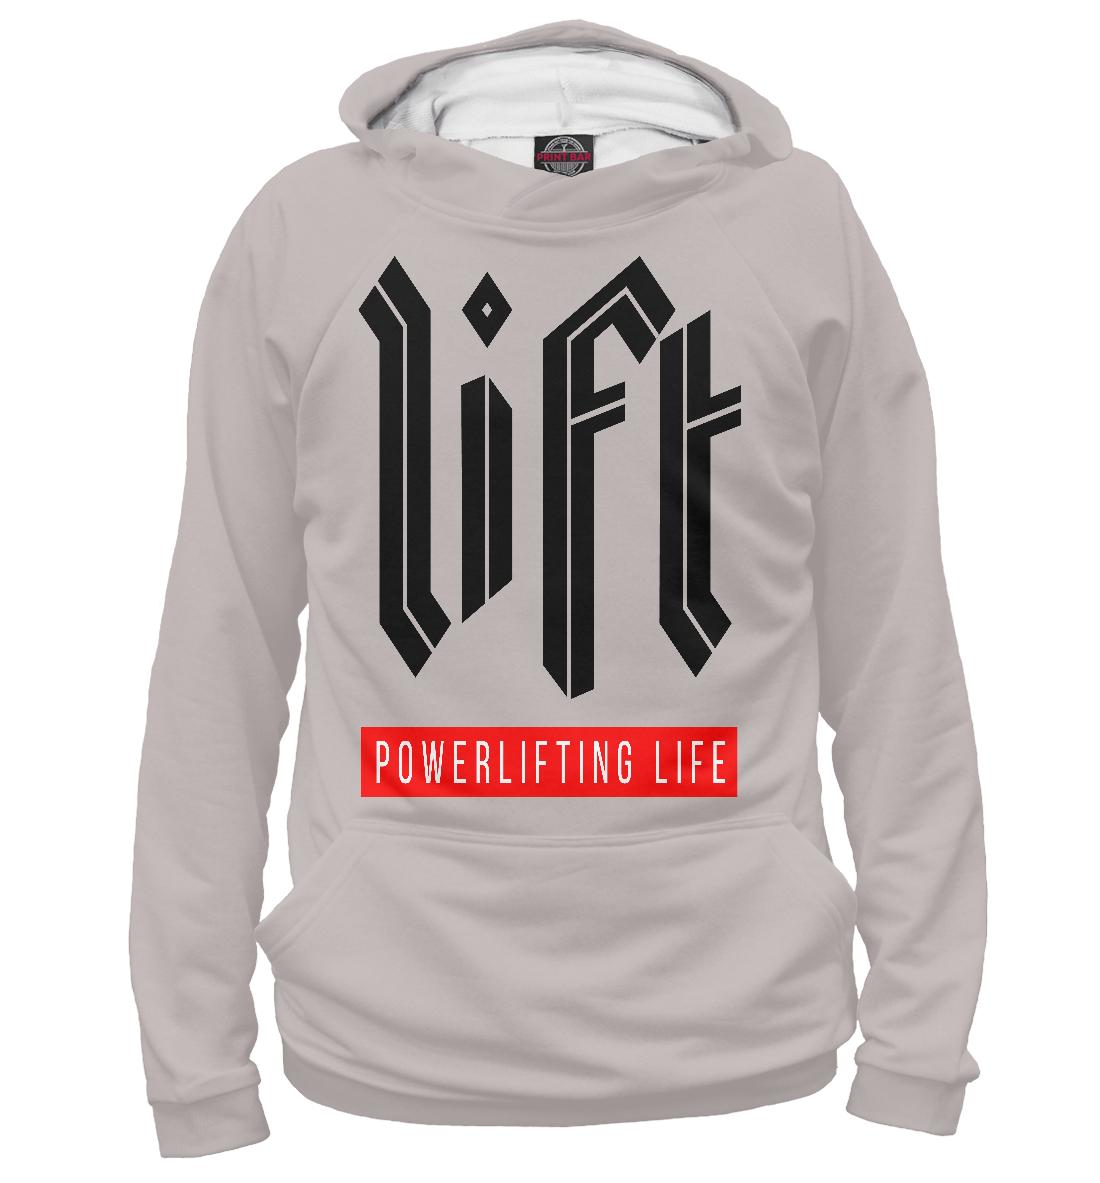 Купить LIFT - Powerlifting life, Printbar, Худи, PWL-310601-hud-1